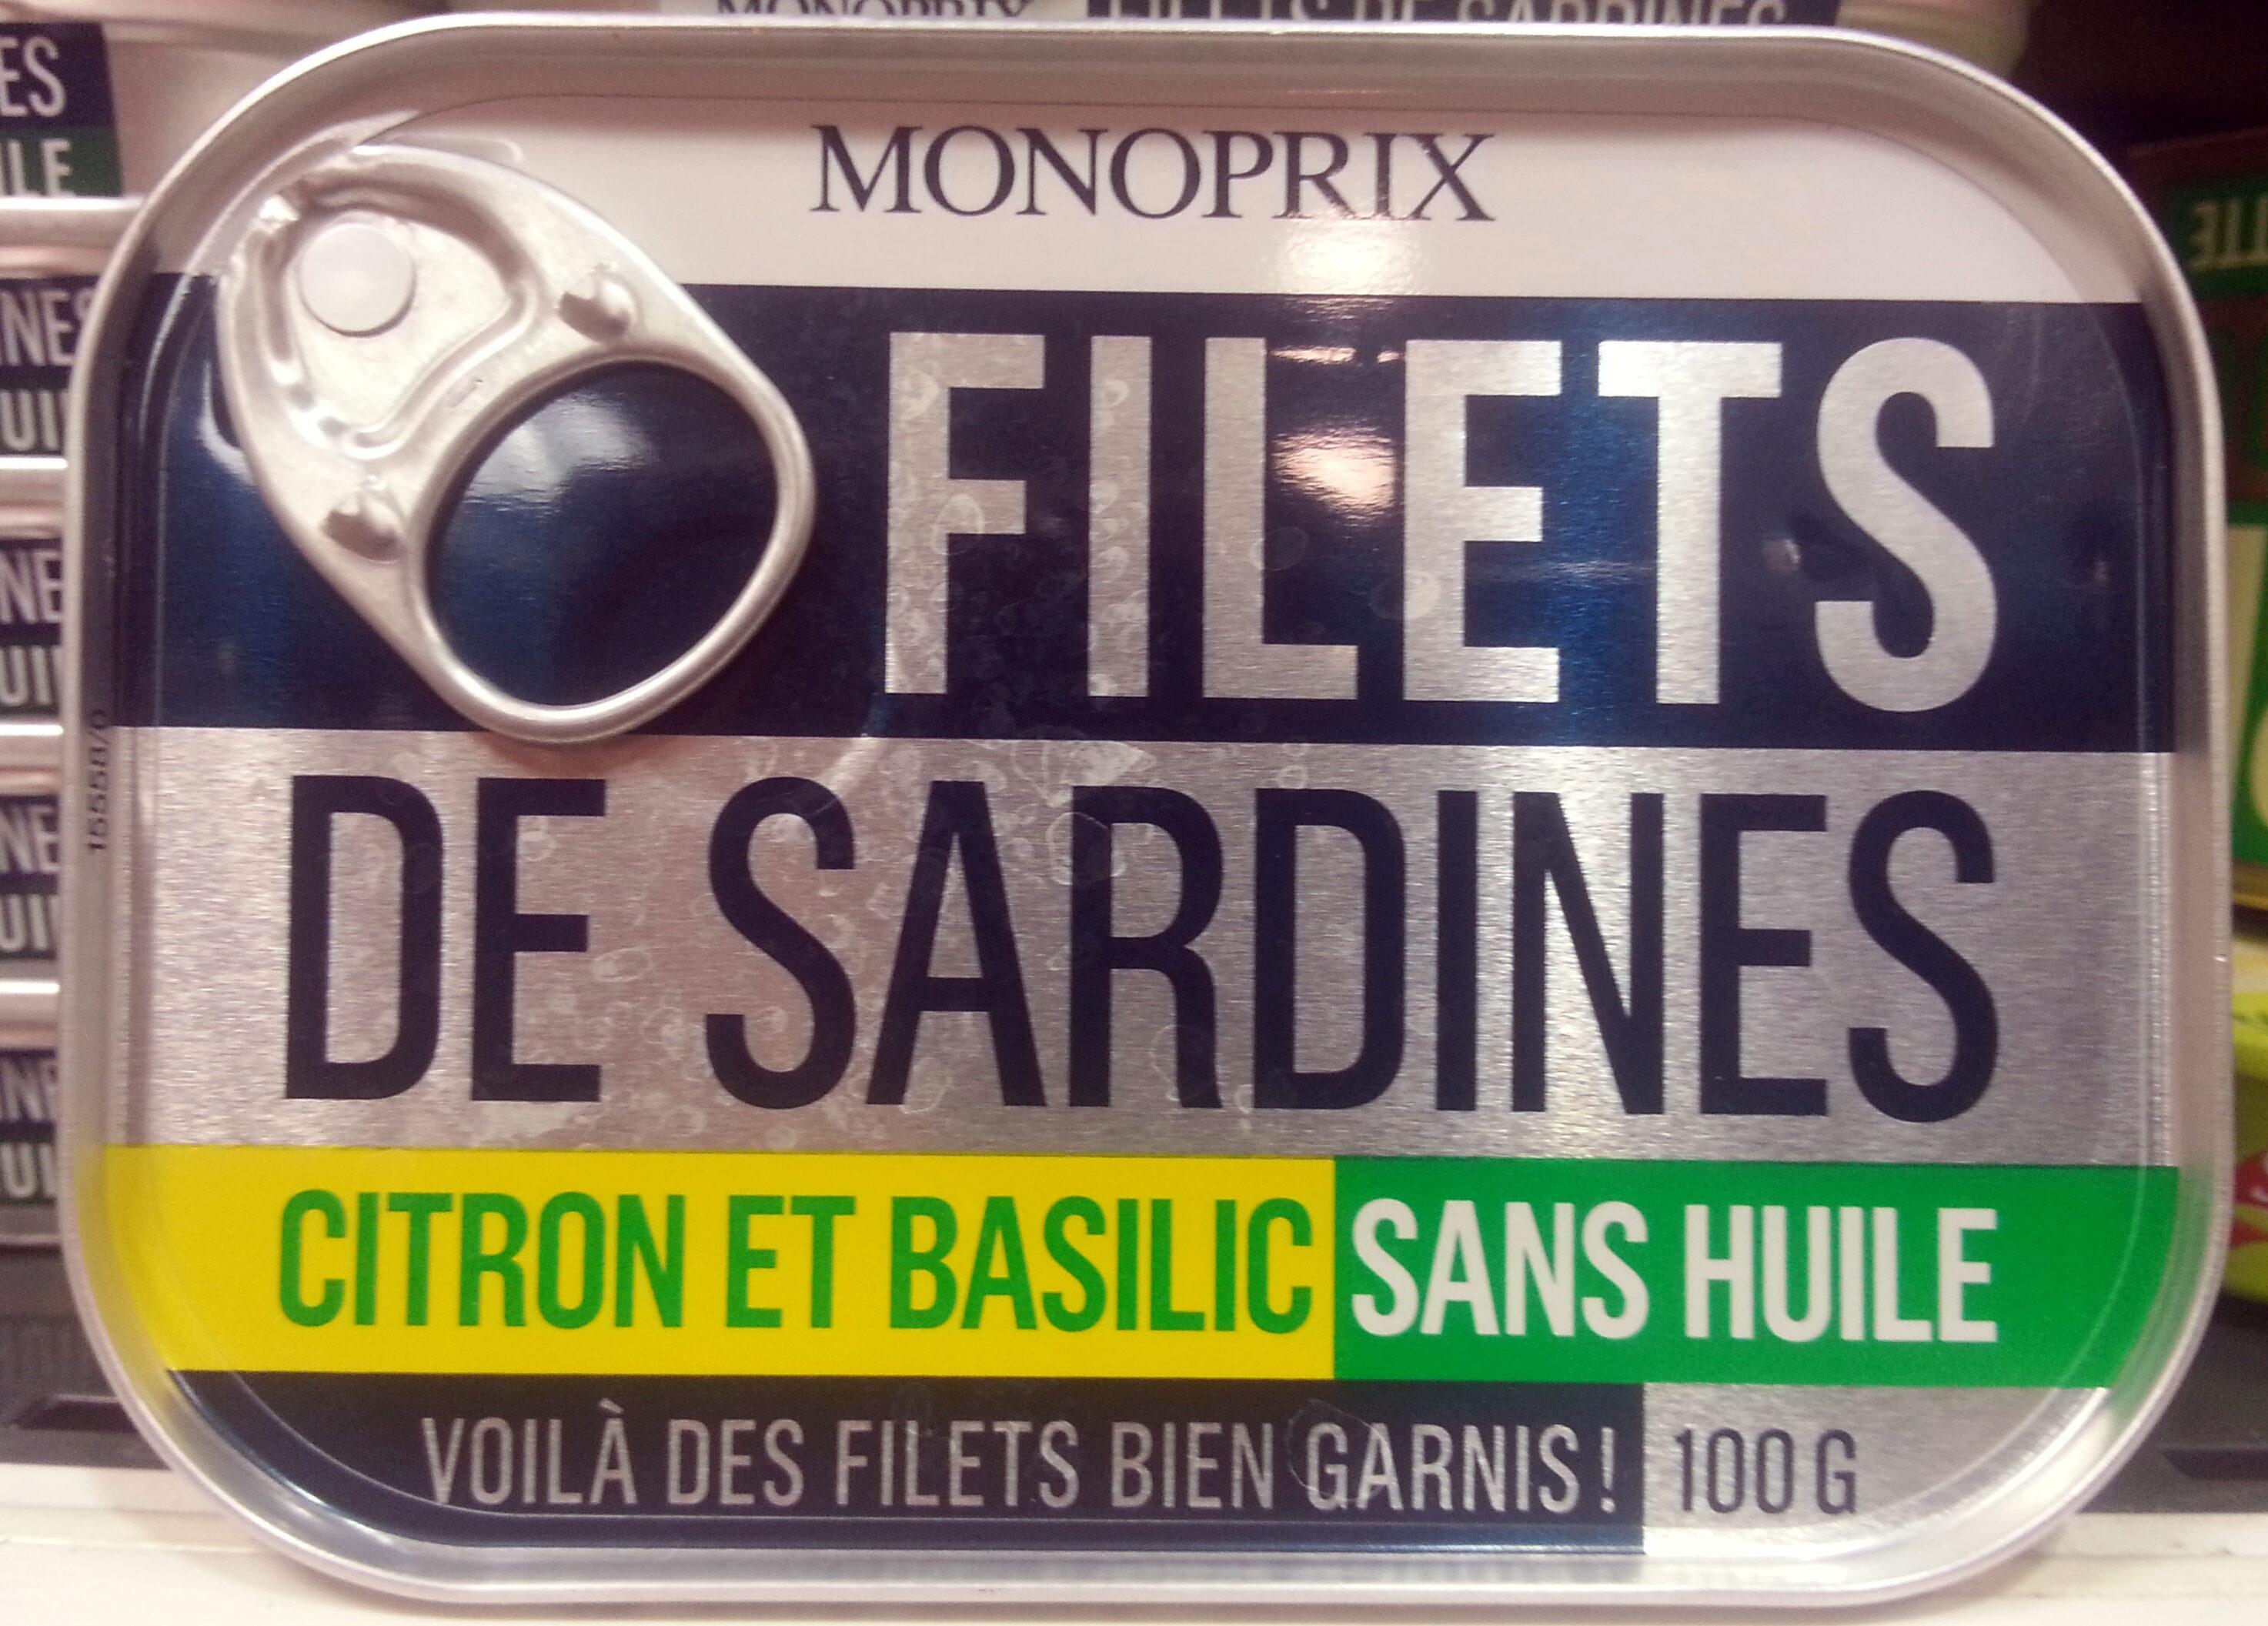 Filets de sardines Citron et basilic - Product - fr